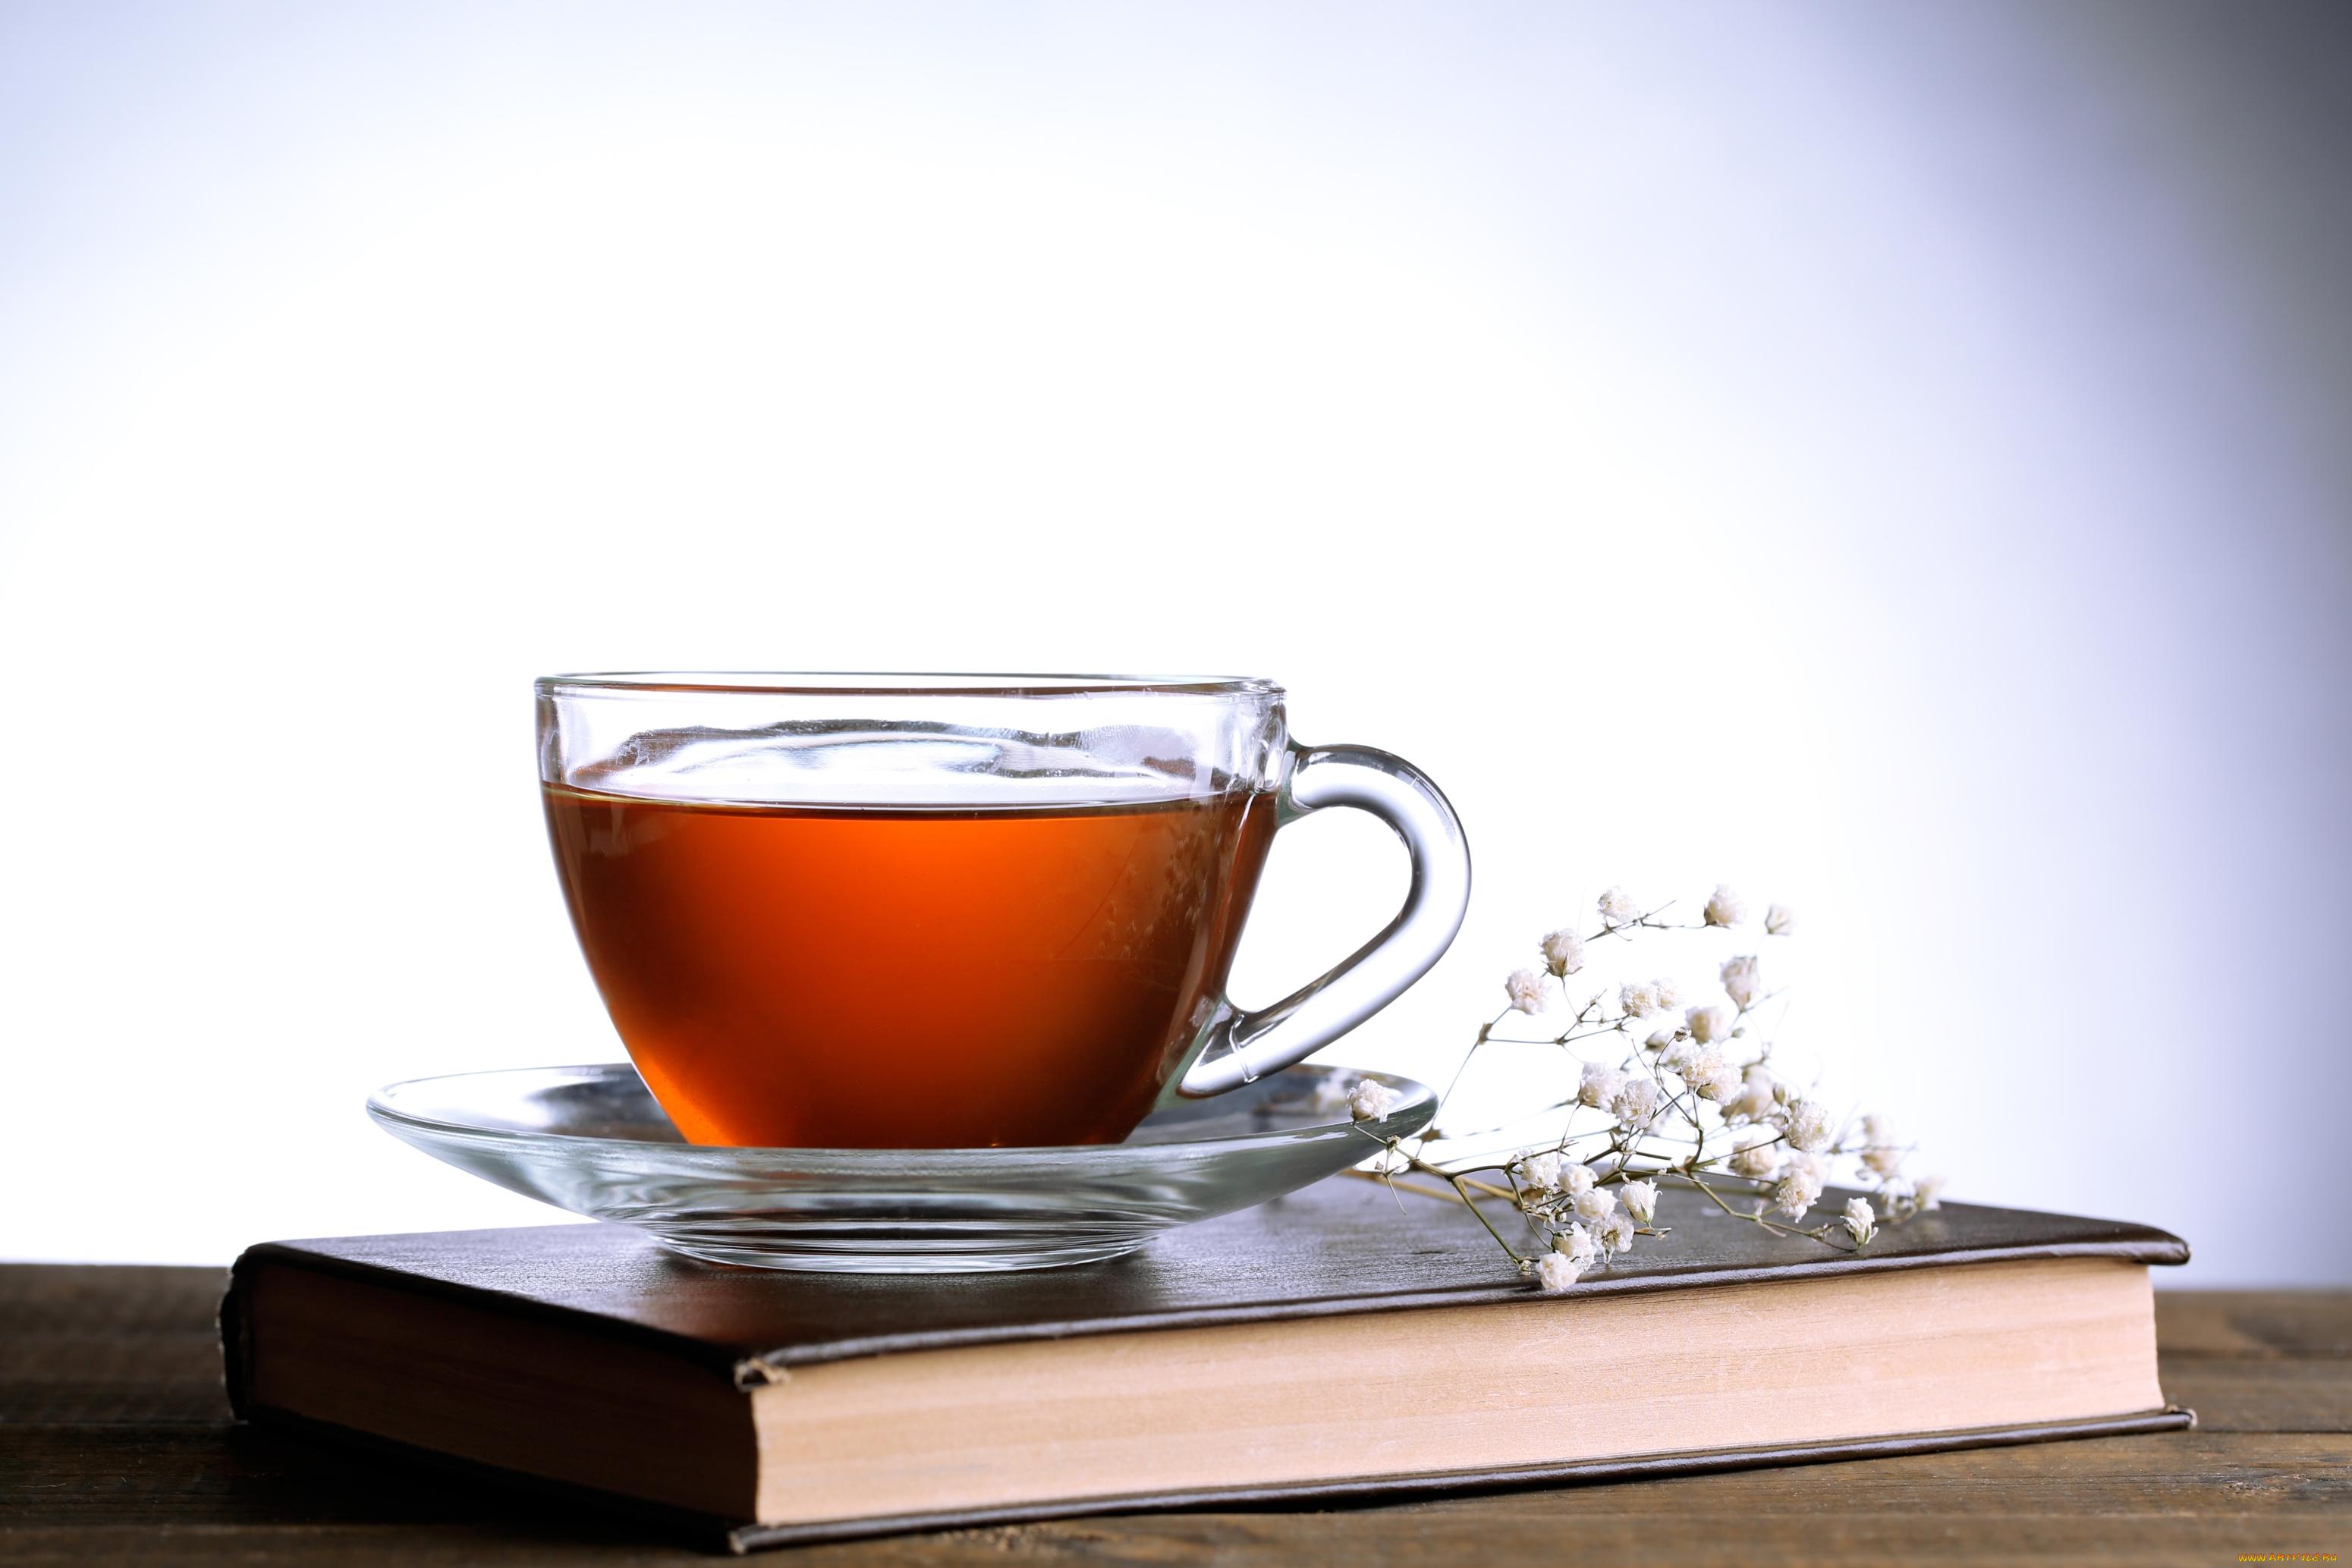 чай кружка стакан tea mug glass загрузить